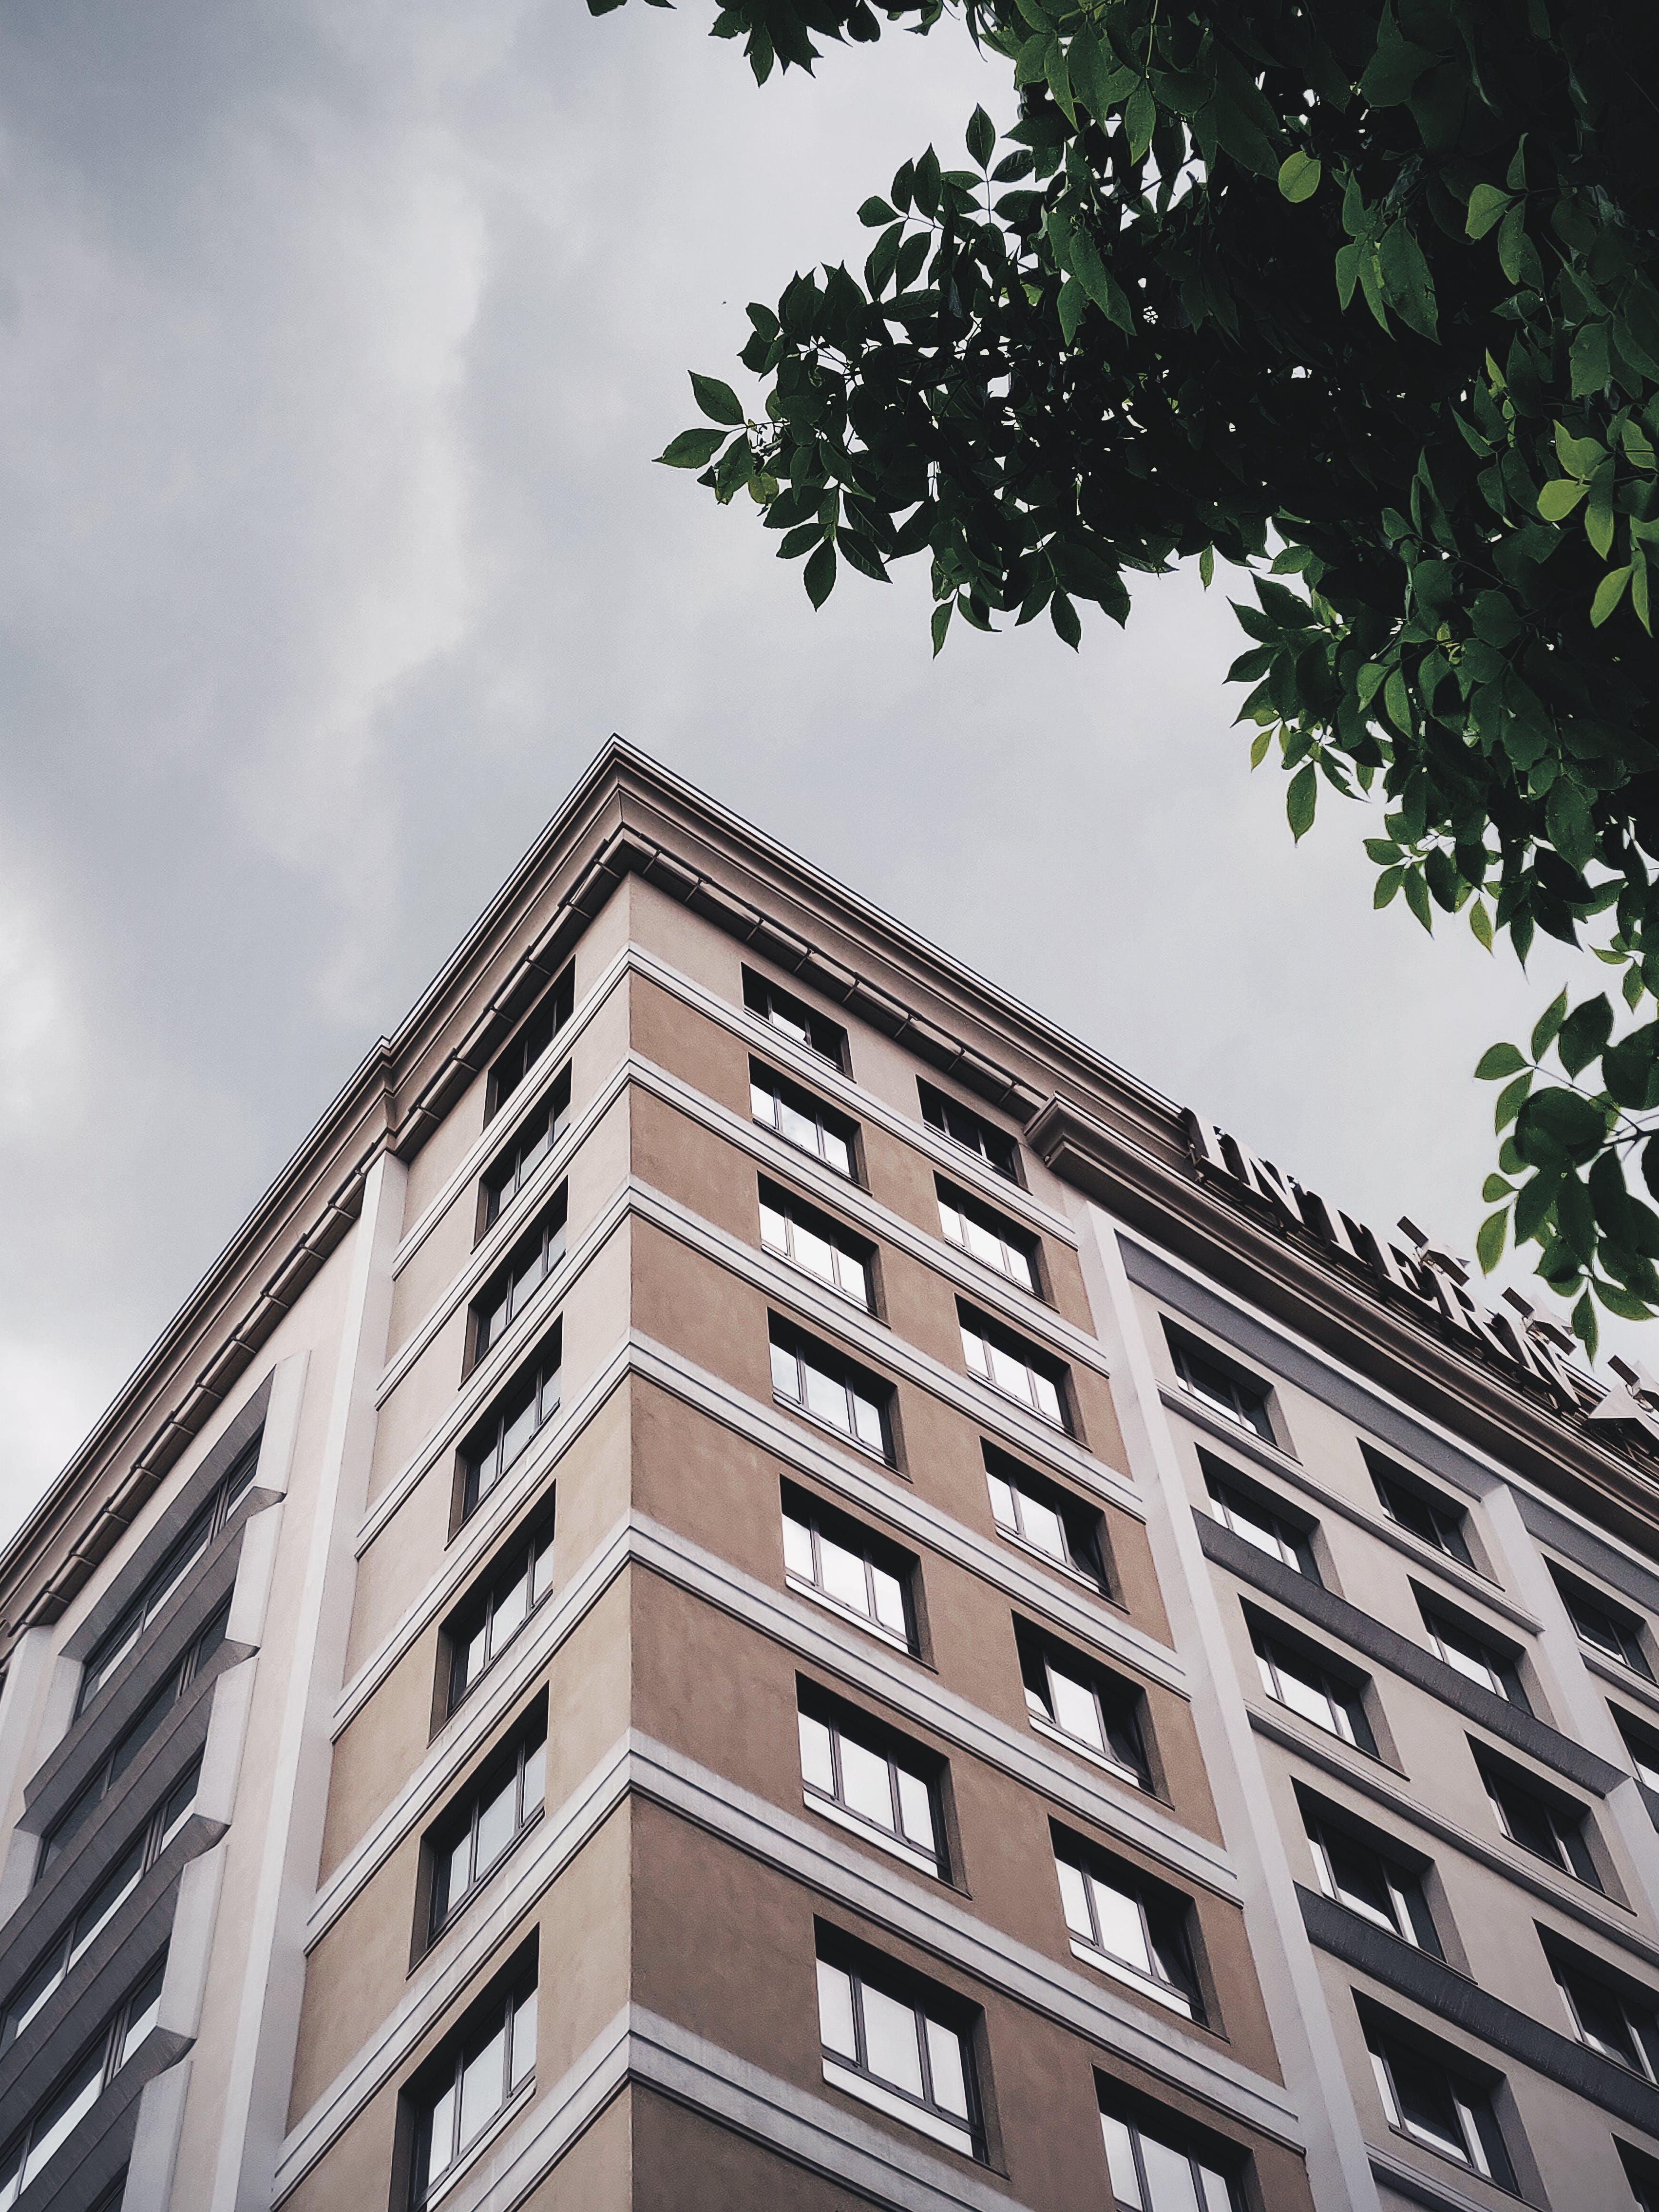 Ảnh lưu trữ miễn phí về căn hộ, cao, cao nhất, cửa sổ